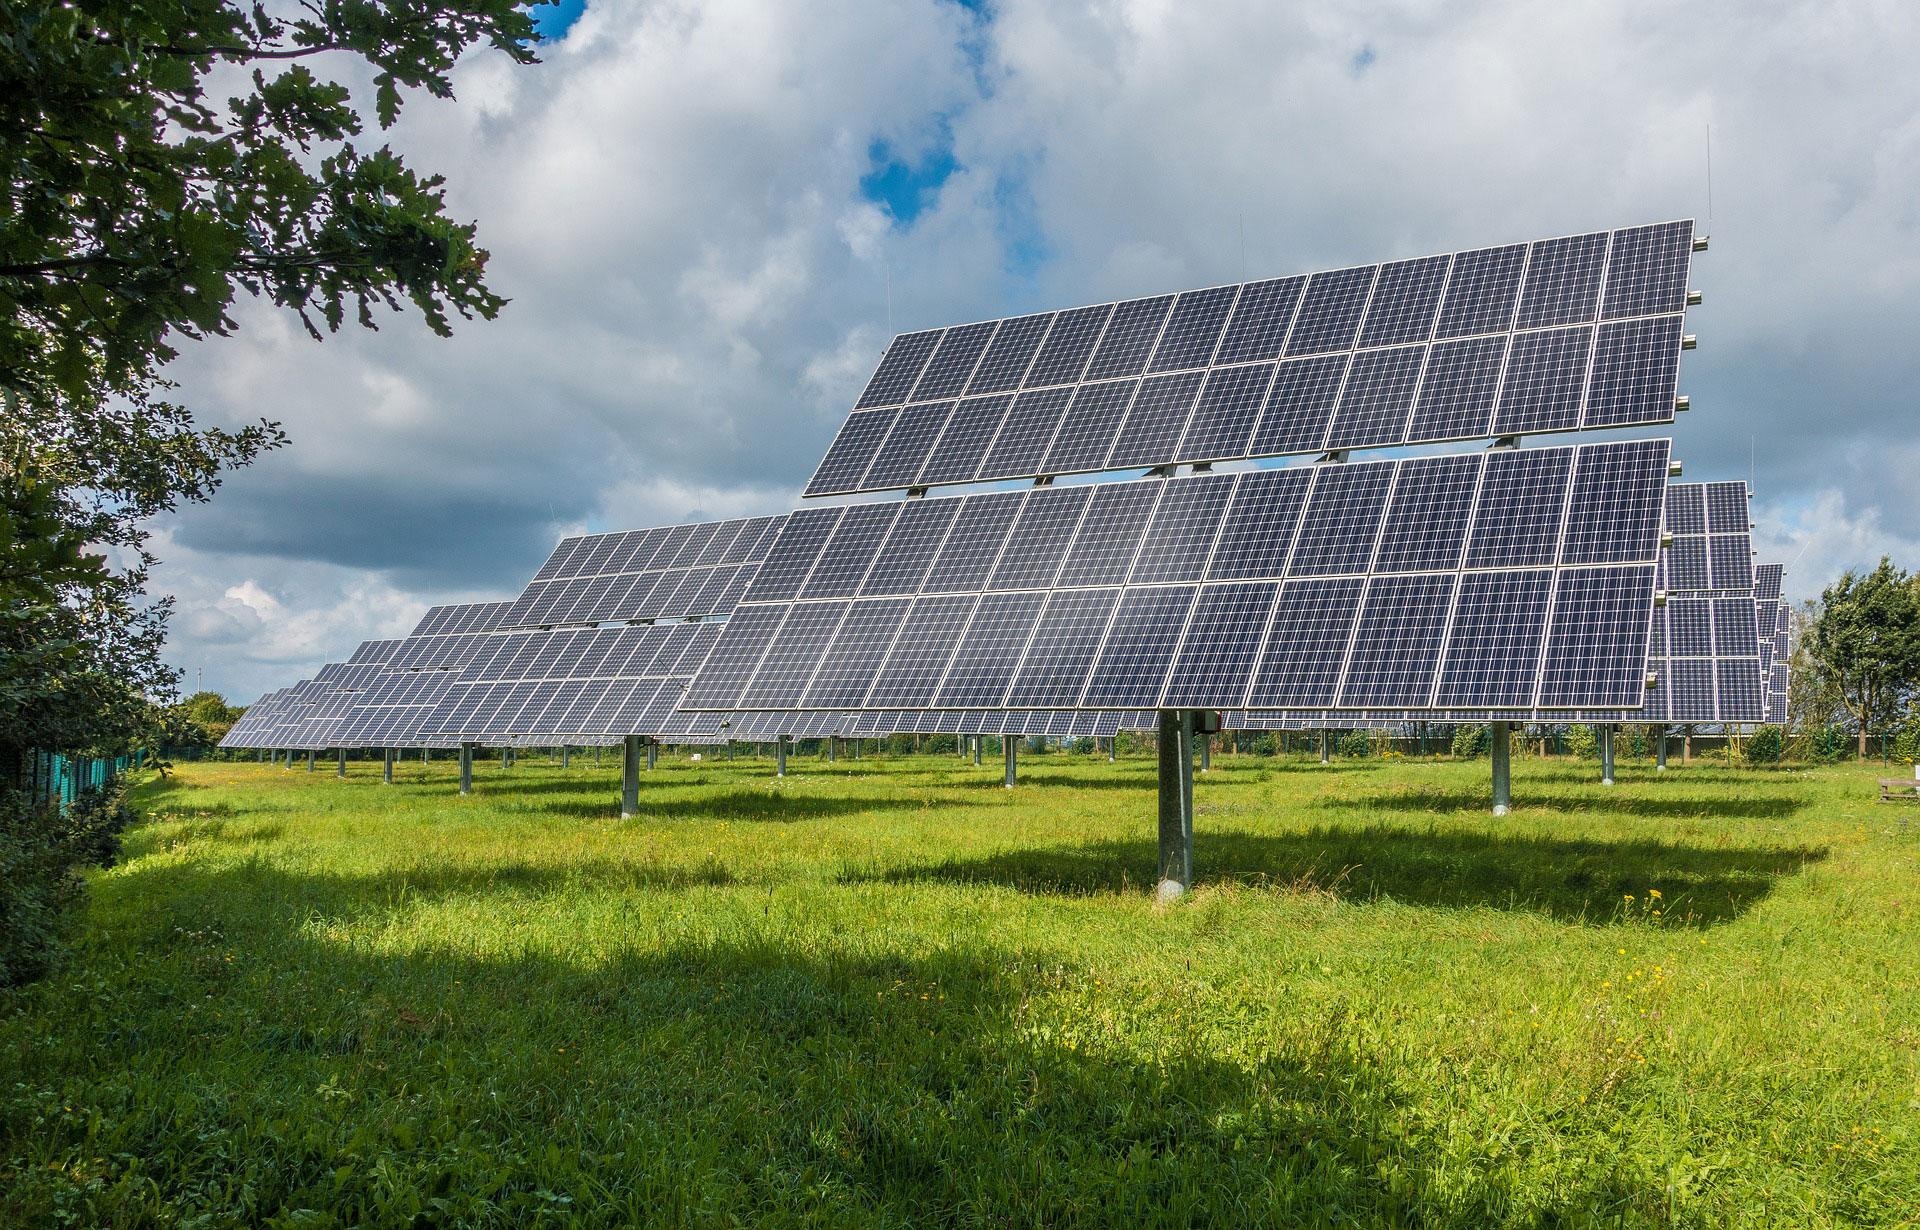 Das Bild zeigt eine Freiflächen-Solaranlage mit Grasfläche unter den Panels.